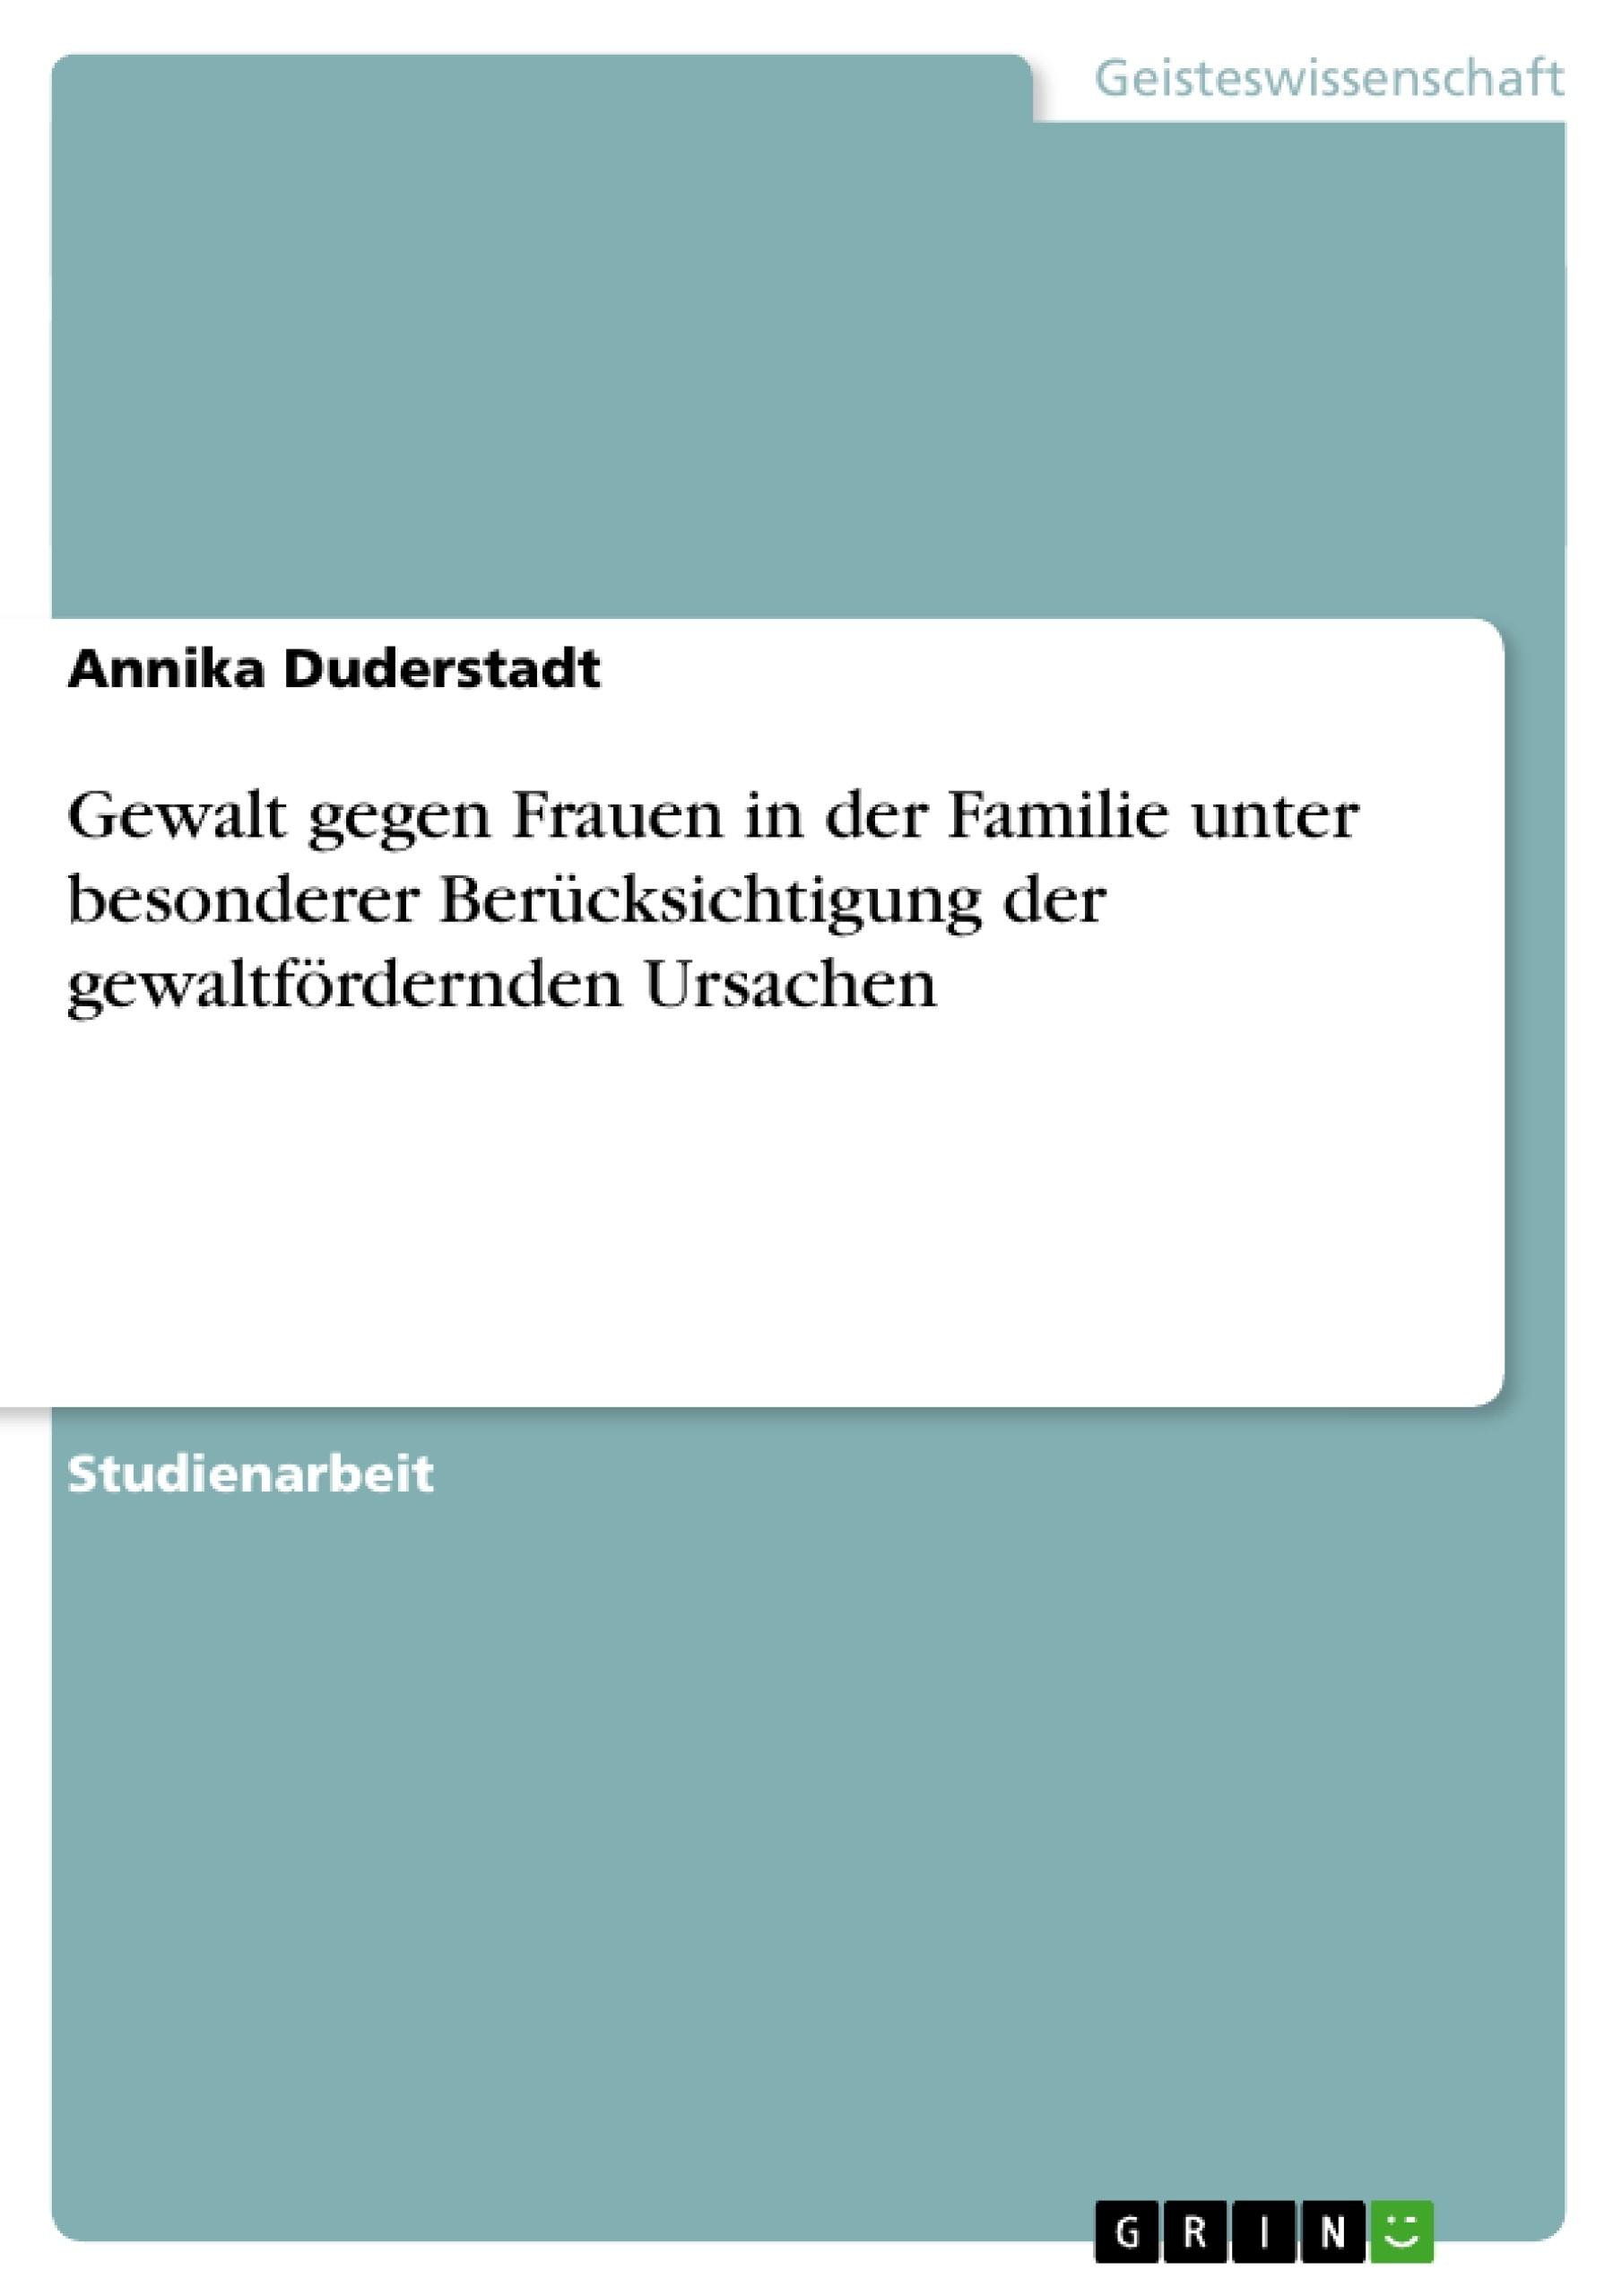 Titel: Gewalt gegen Frauen in der Familie unter besonderer Berücksichtigung der gewaltfördernden Ursachen